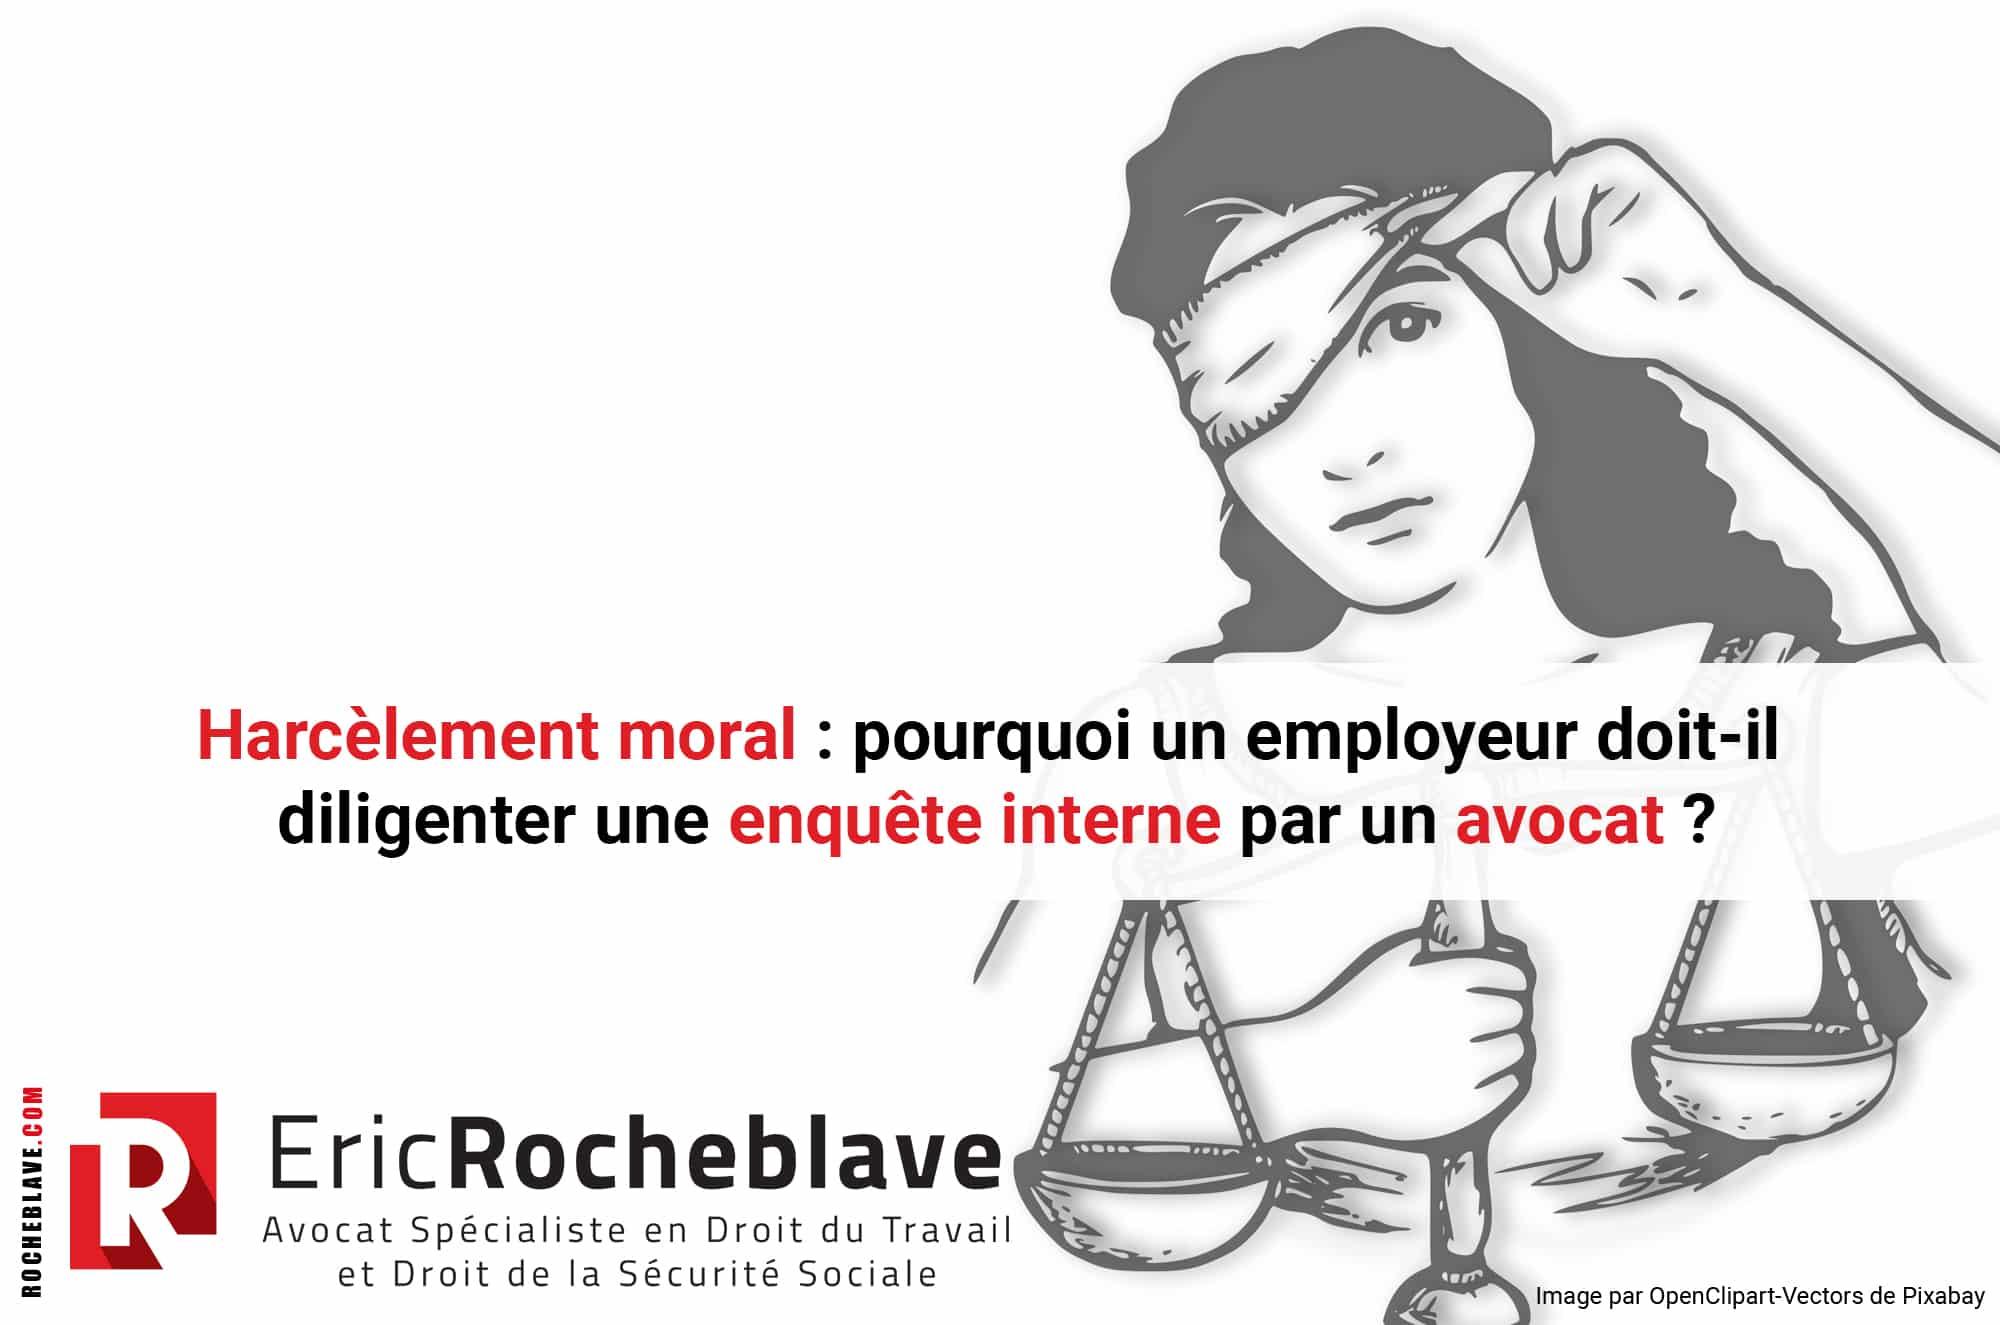 Harcèlement moral : pourquoi un employeur doit-il diligenter une enquête interne par un avocat ?